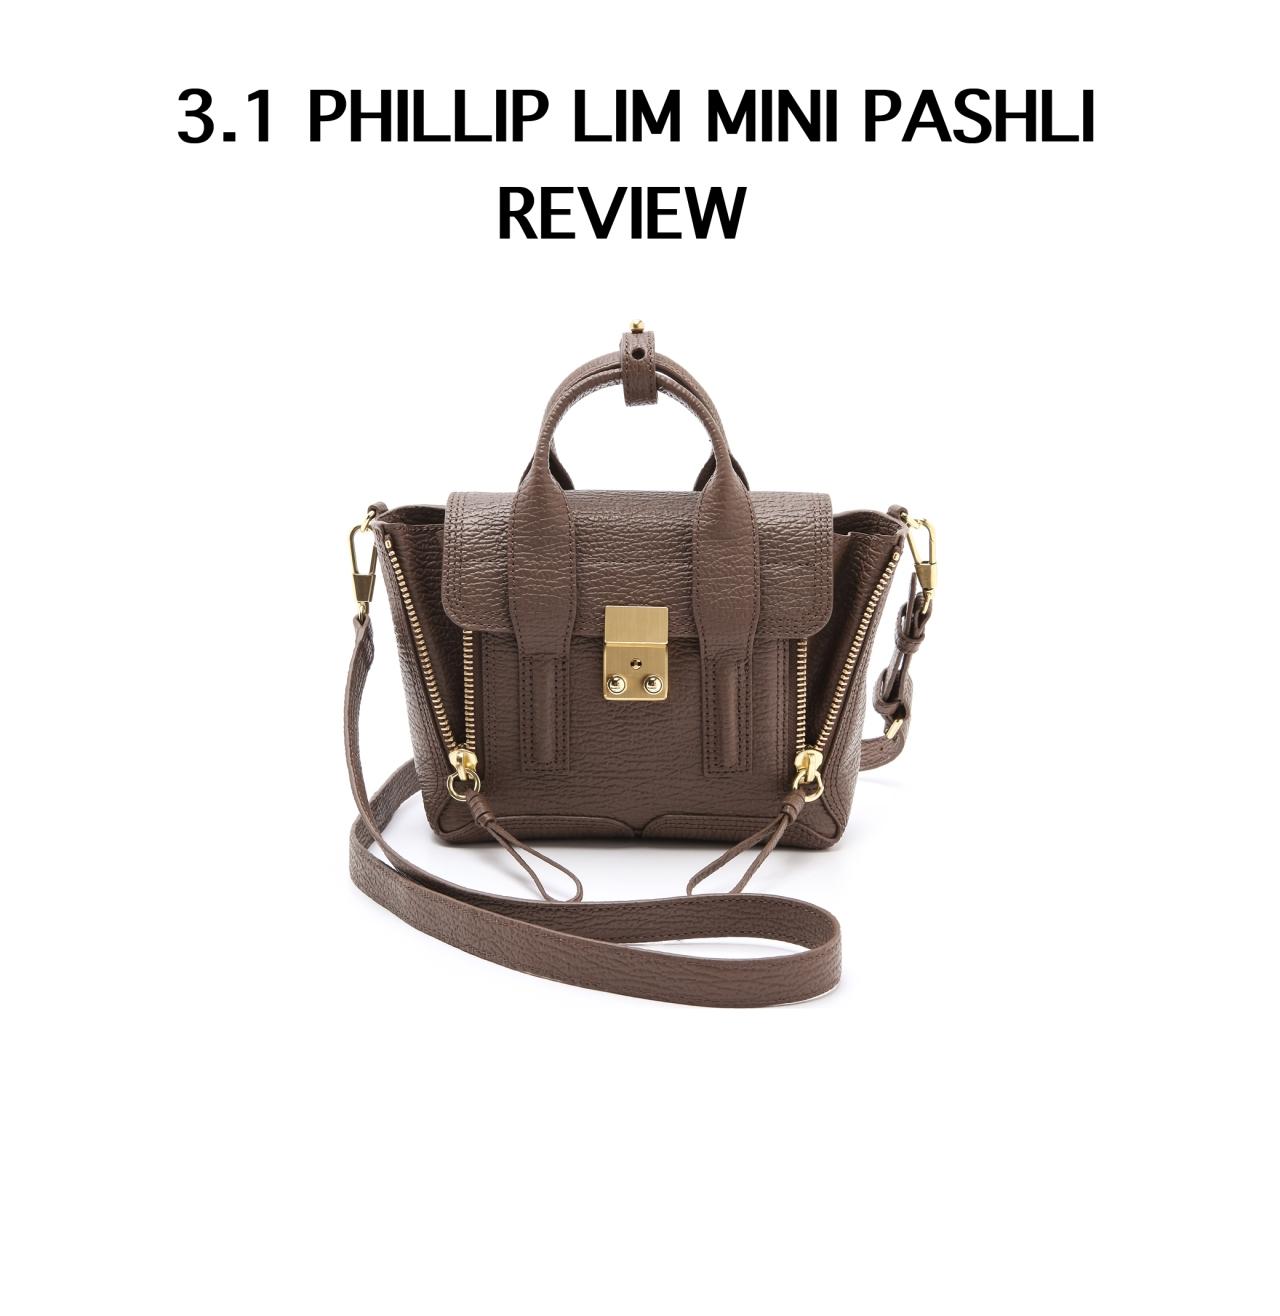 phillip lim mini pashli review